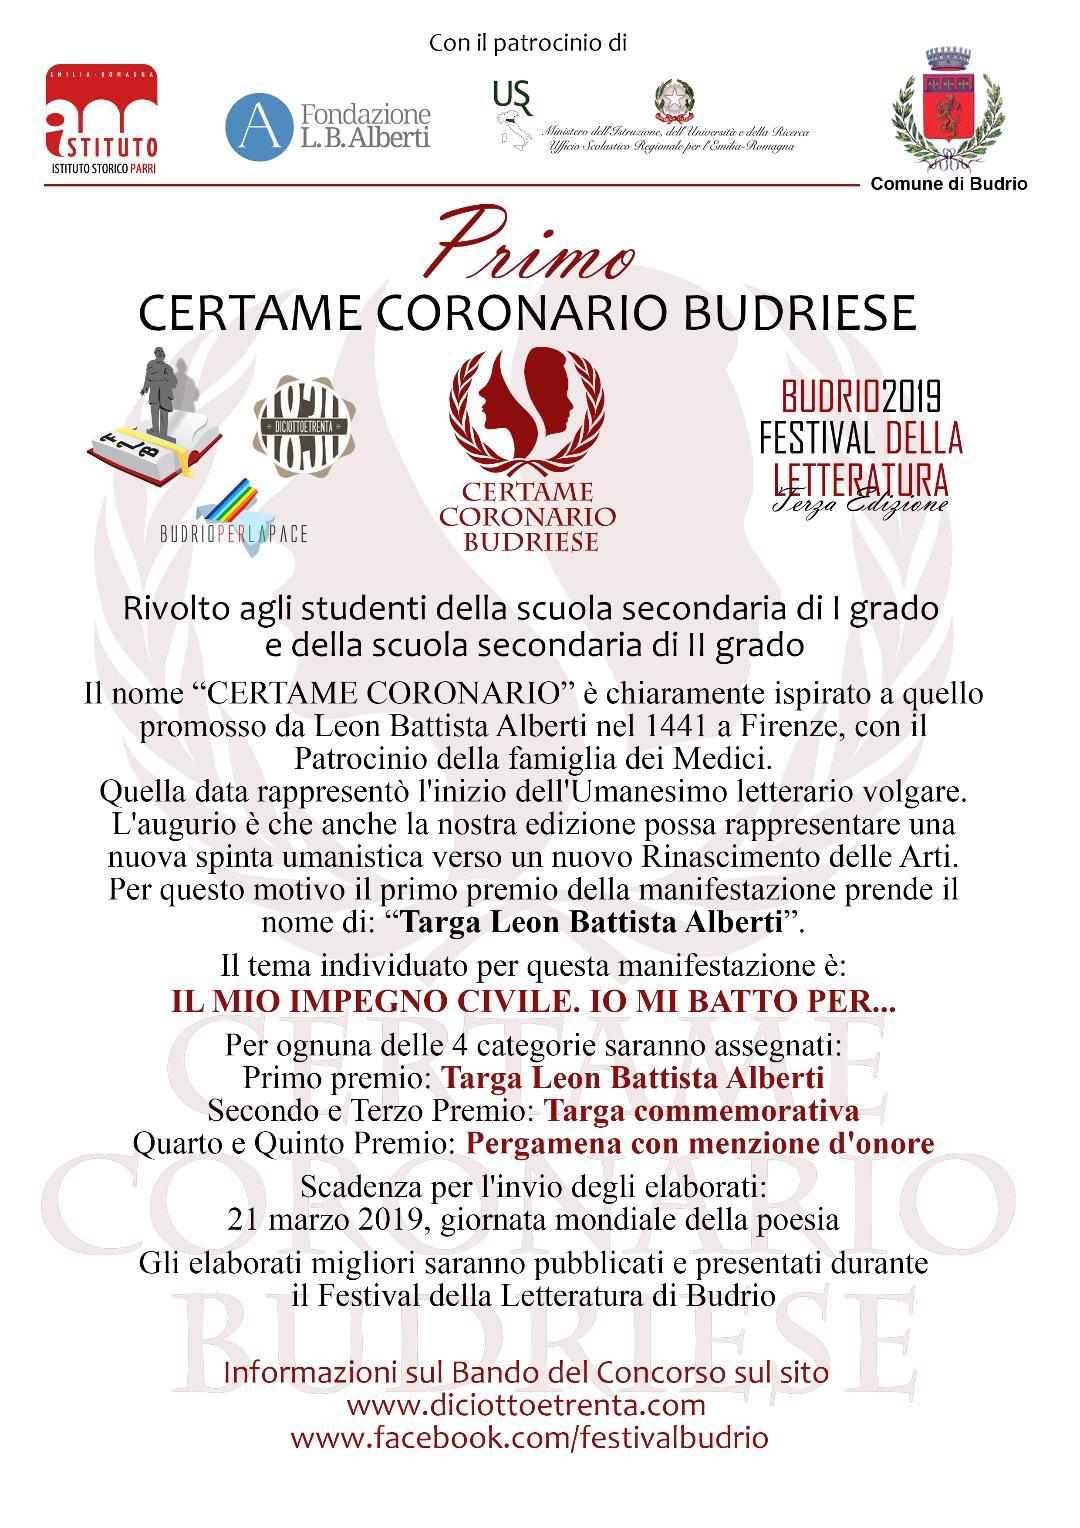 Certame Coronario Budriese, concorso di poesia e narrativa breve